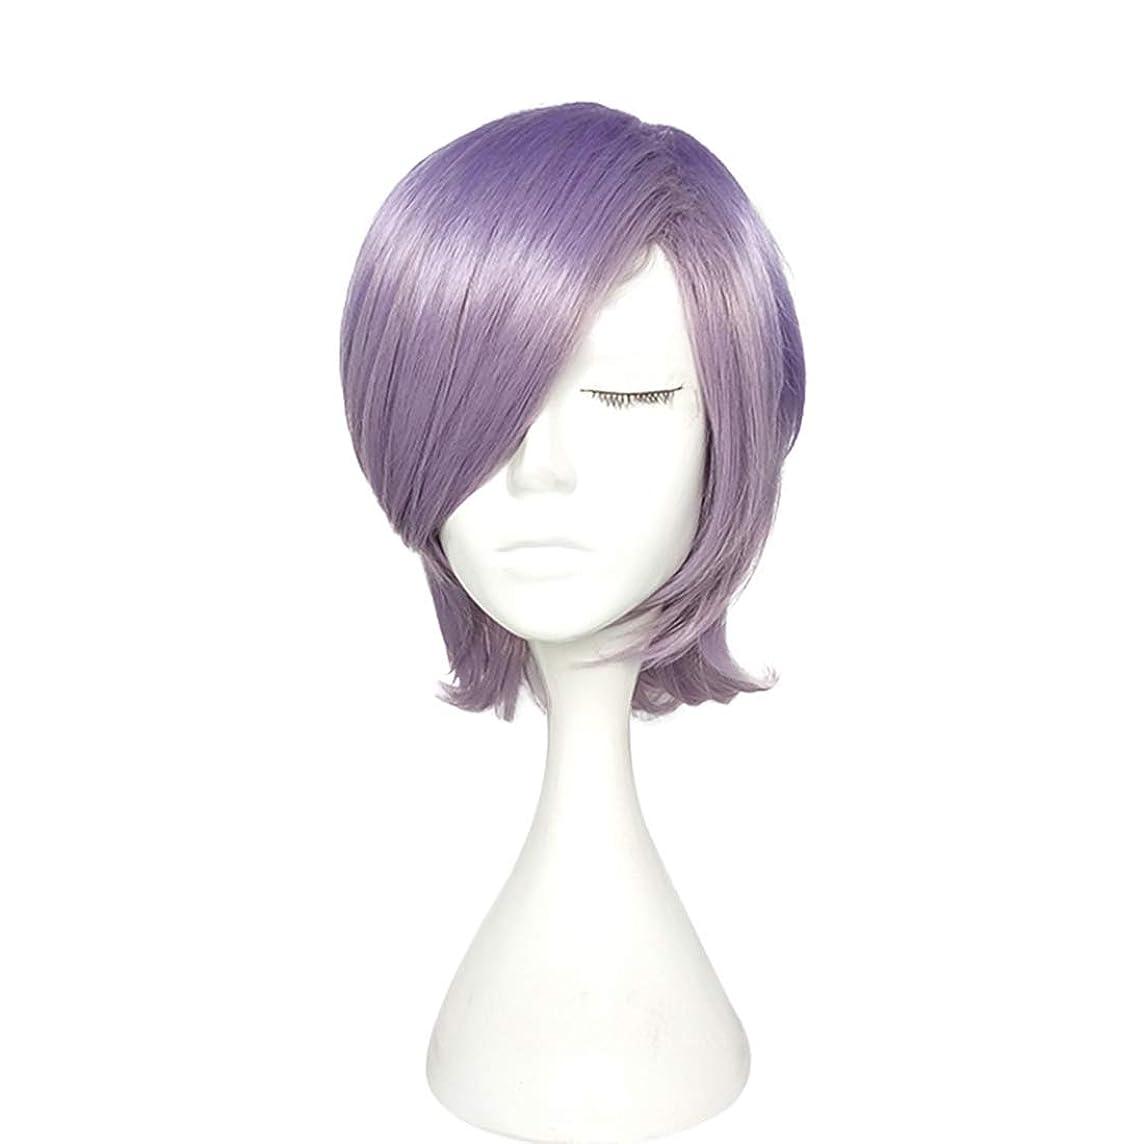 世界的にモニター示すKoloeplf 高温シルクショートカーリーヘアマイクロロールペアーヘッドウィッグヘッドギアパープルかつら (Color : Purple)